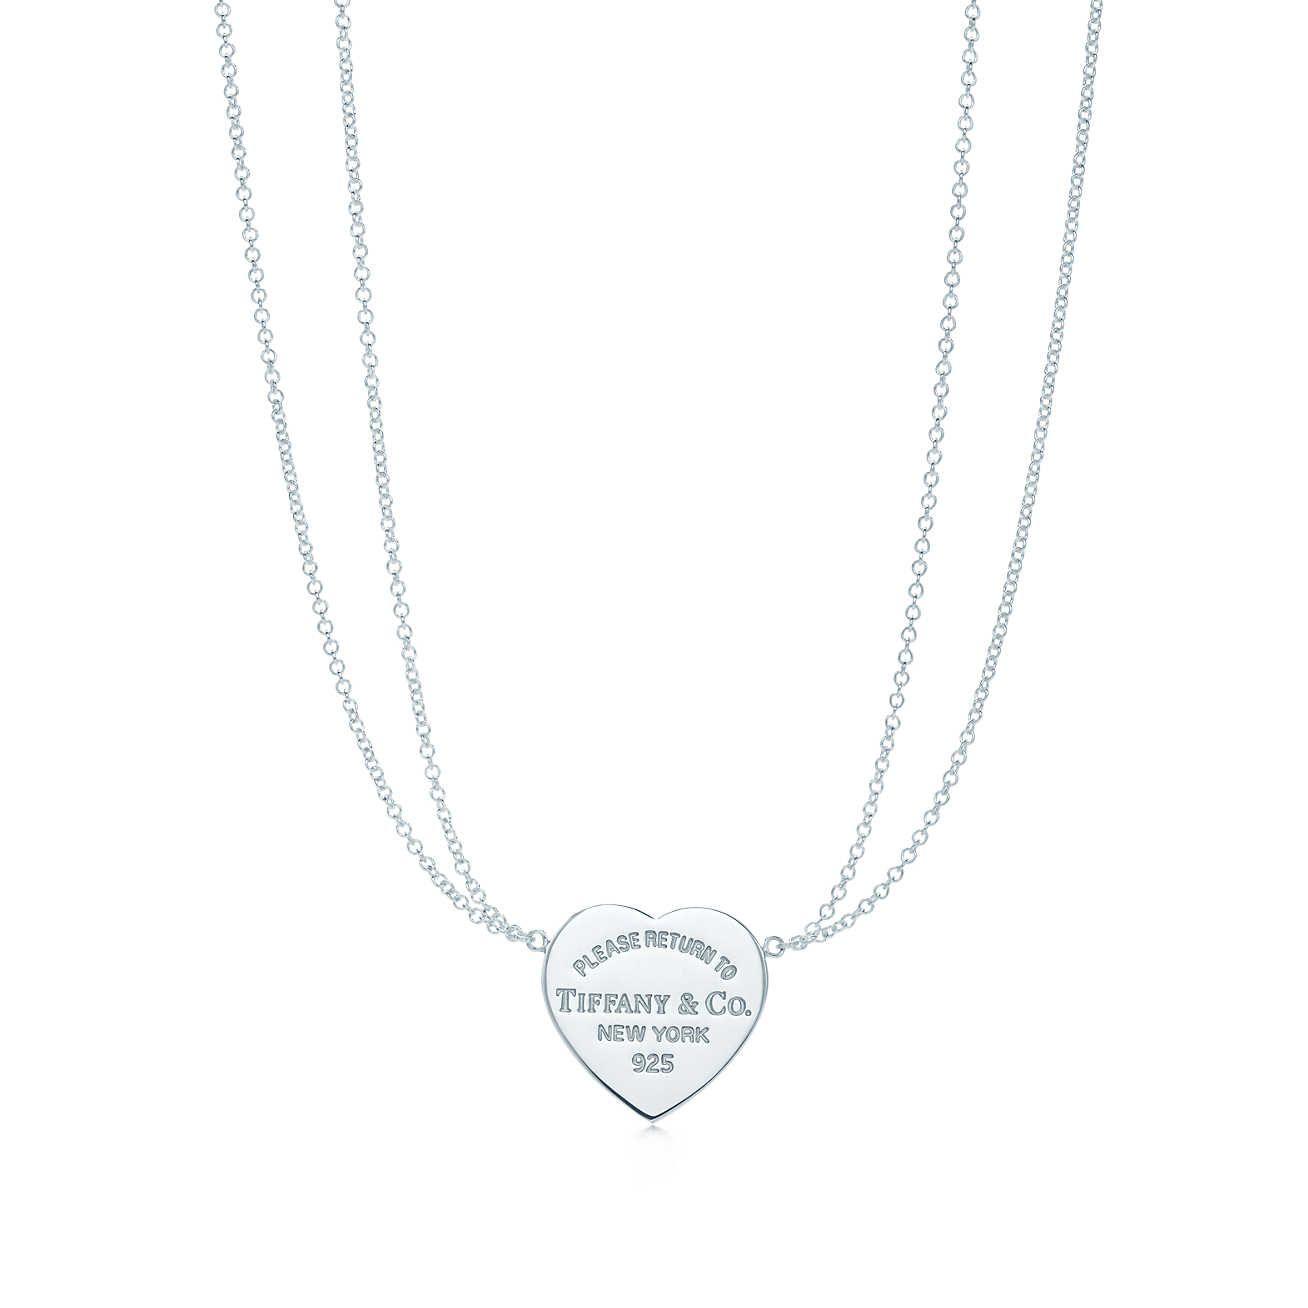 Return To Tiffany Heart Pendant Tiffany And Co Necklace Tiffany Heart Heart Pendant